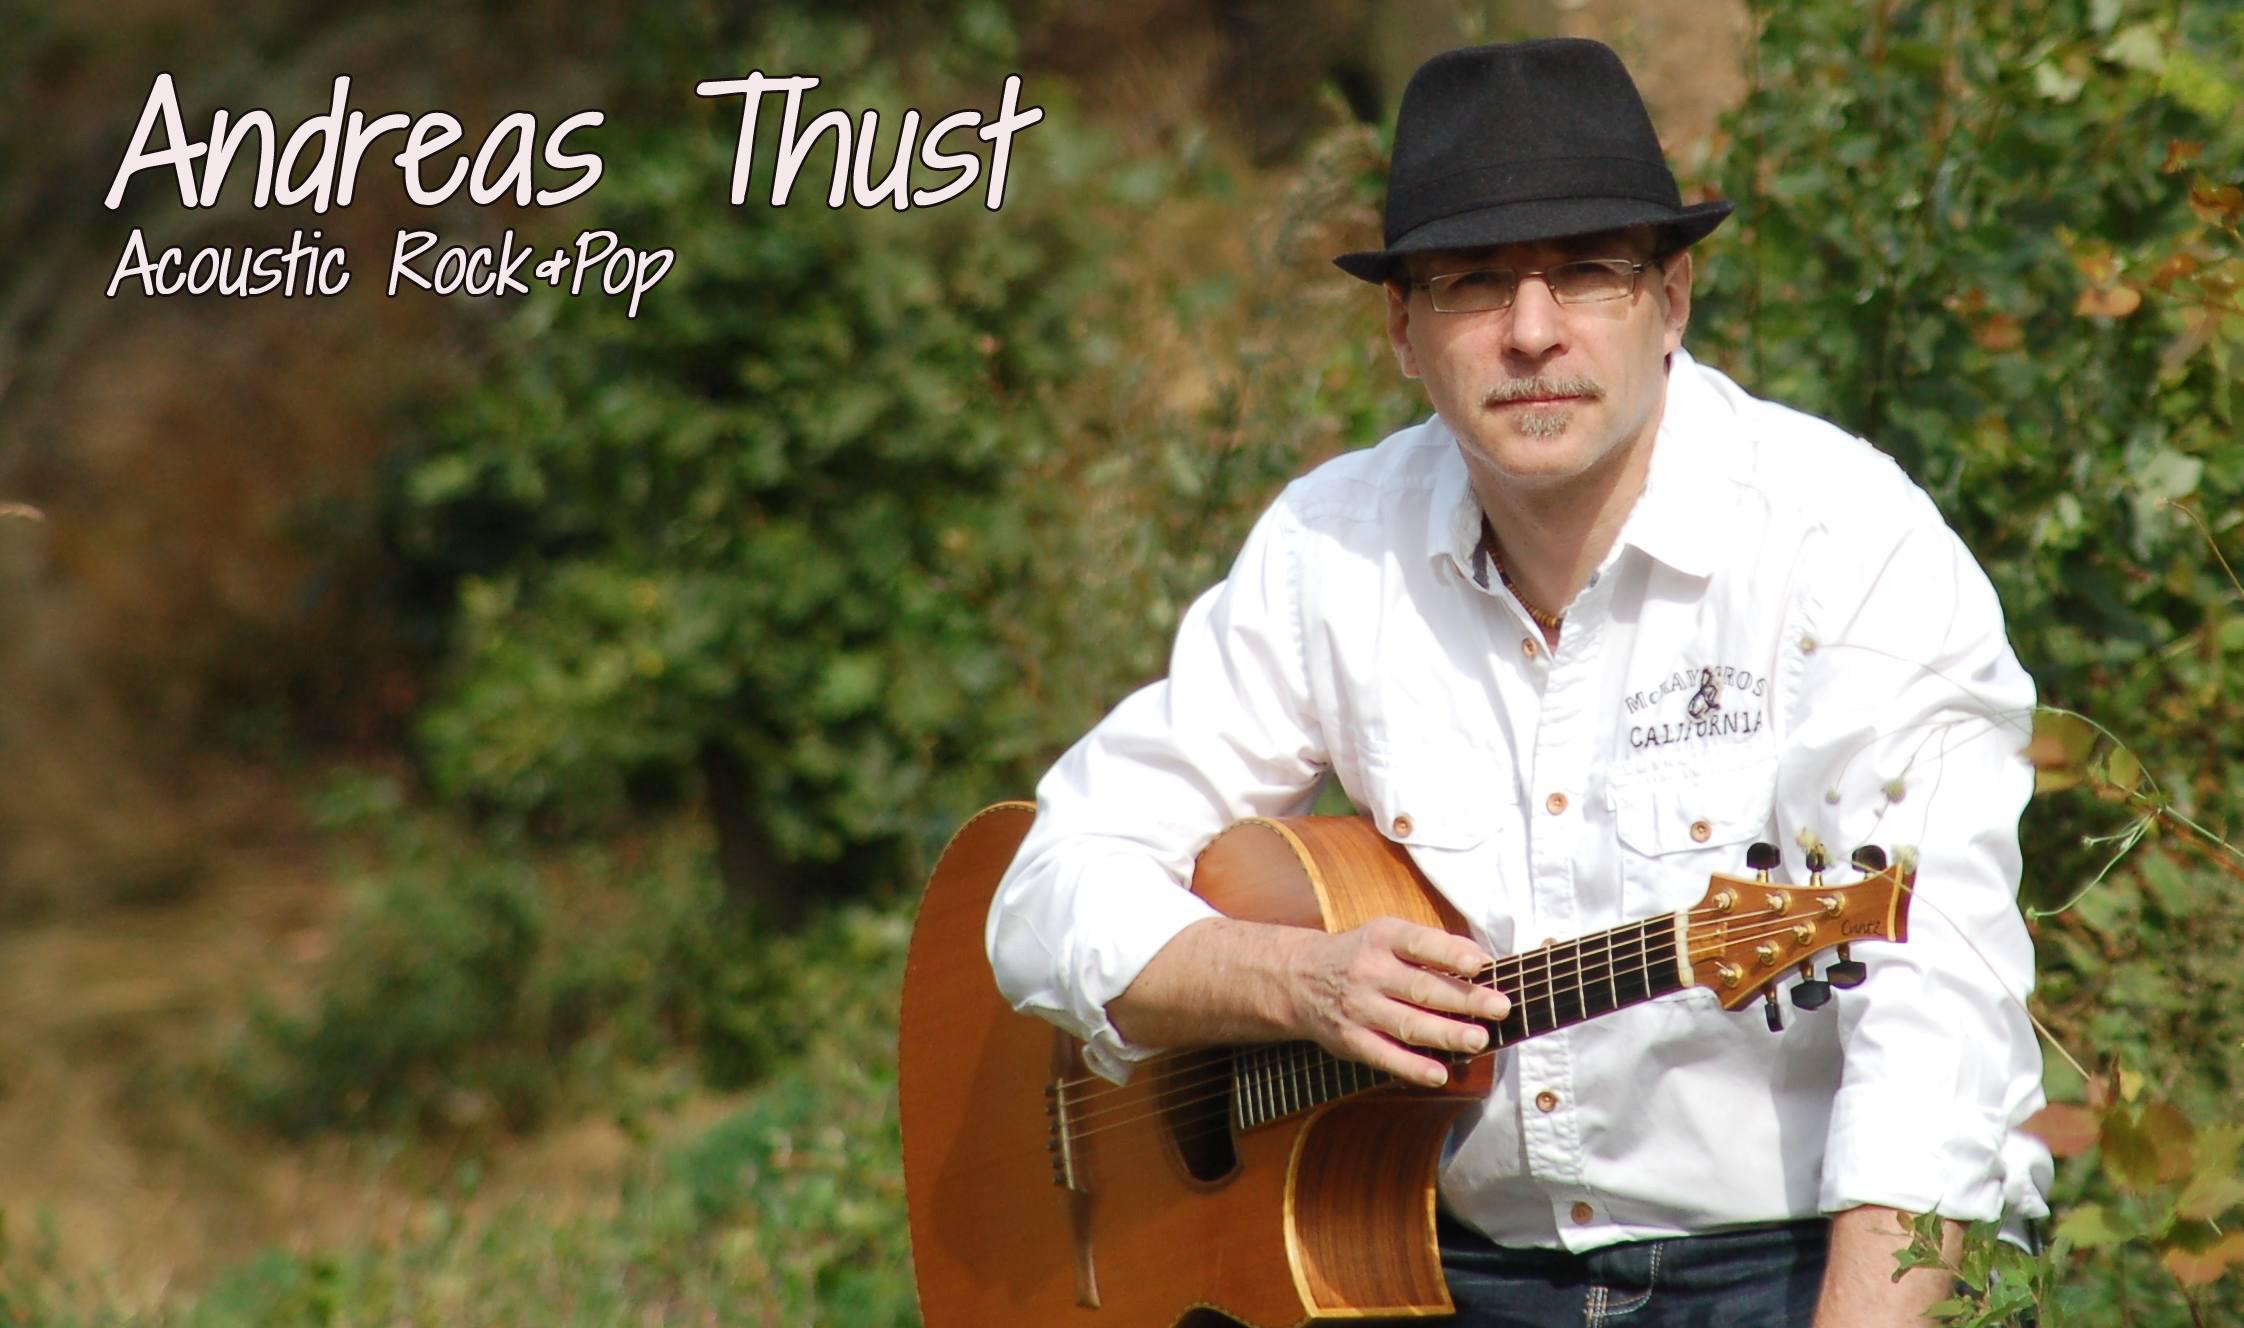 Andreas Thust spielt in der Halberstädter Kulturwirtschaft papermoon